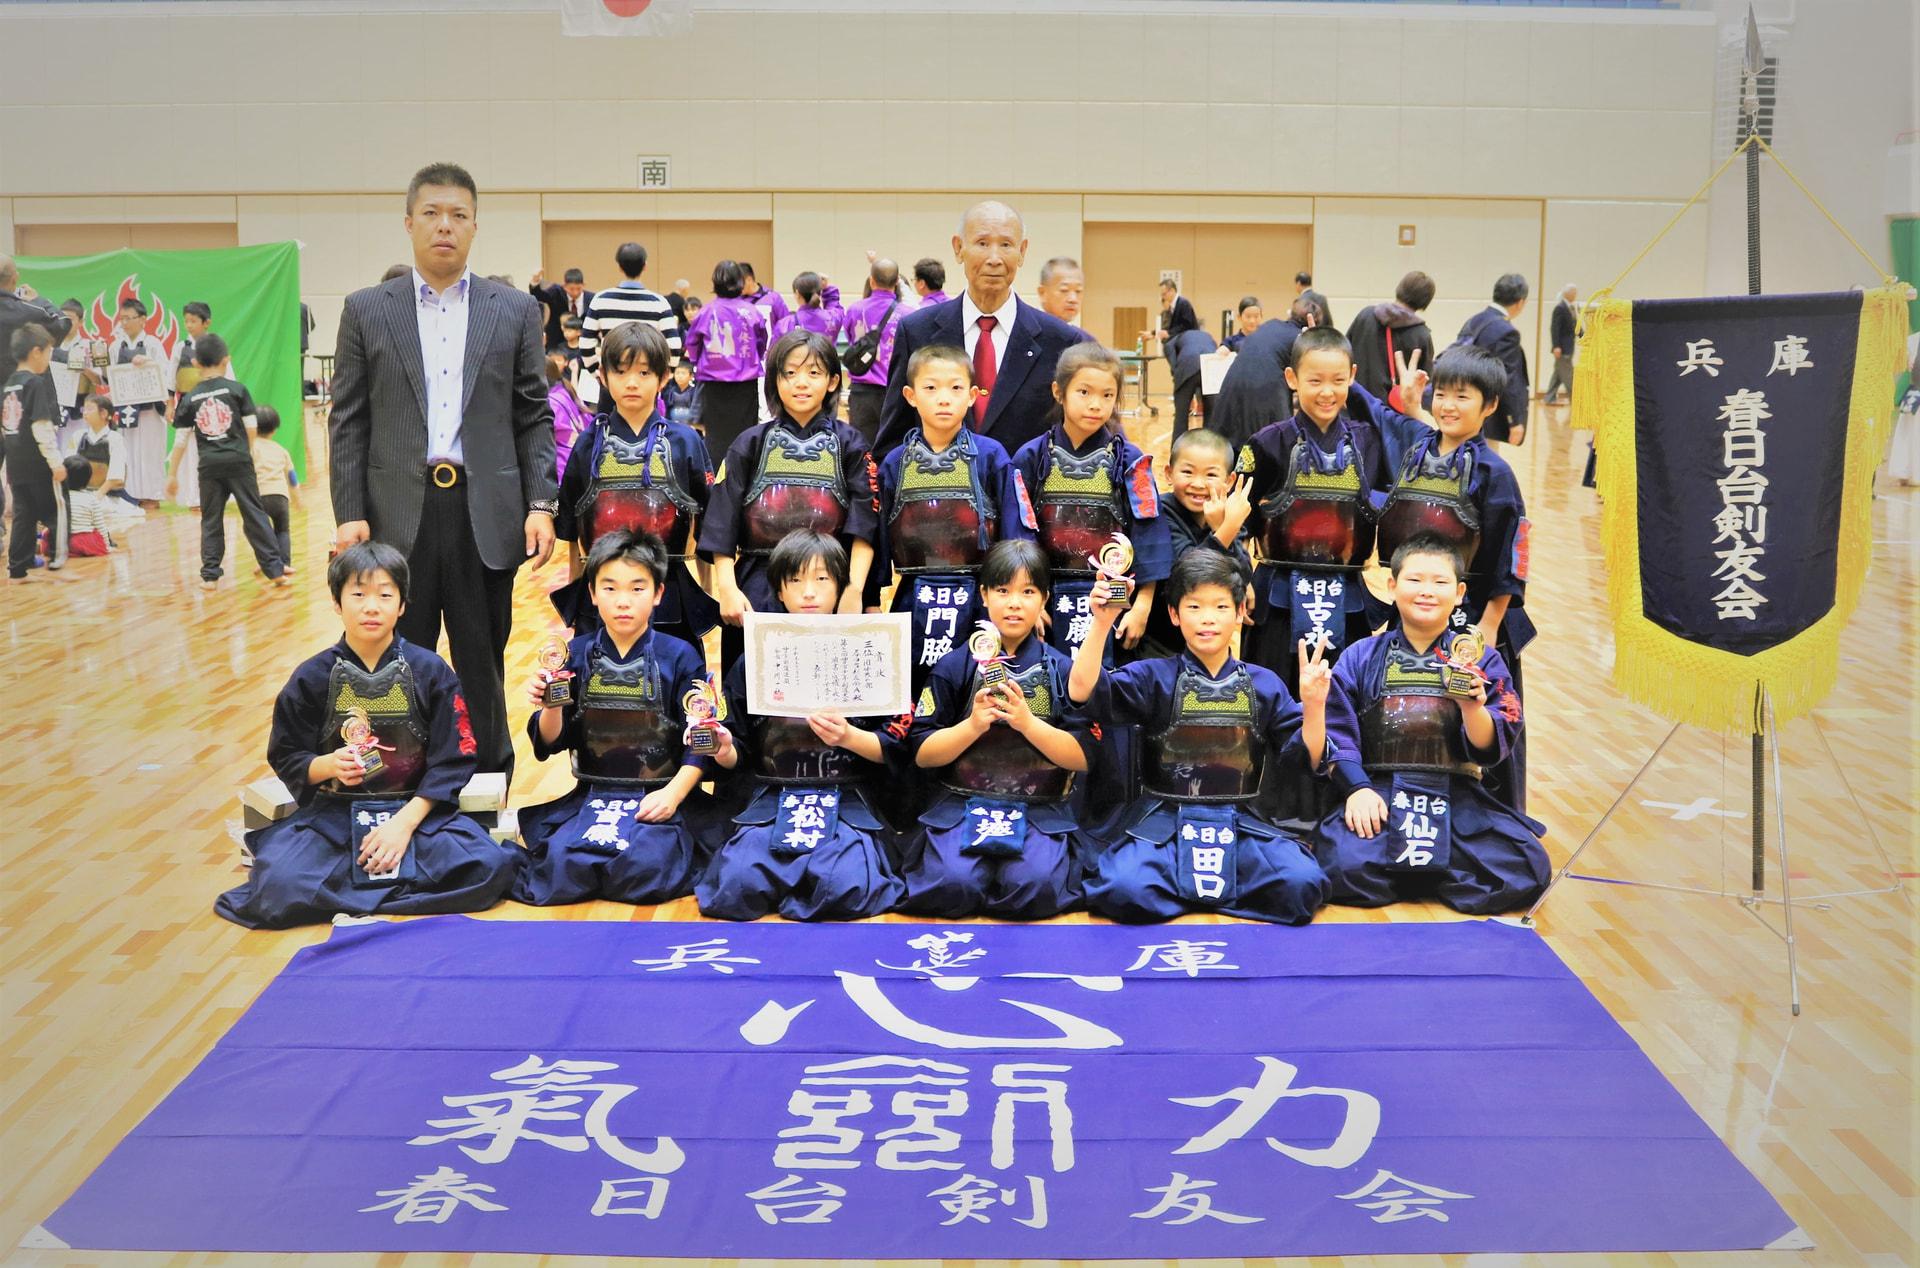 第31回神戸市少年剣道大会に参加しました